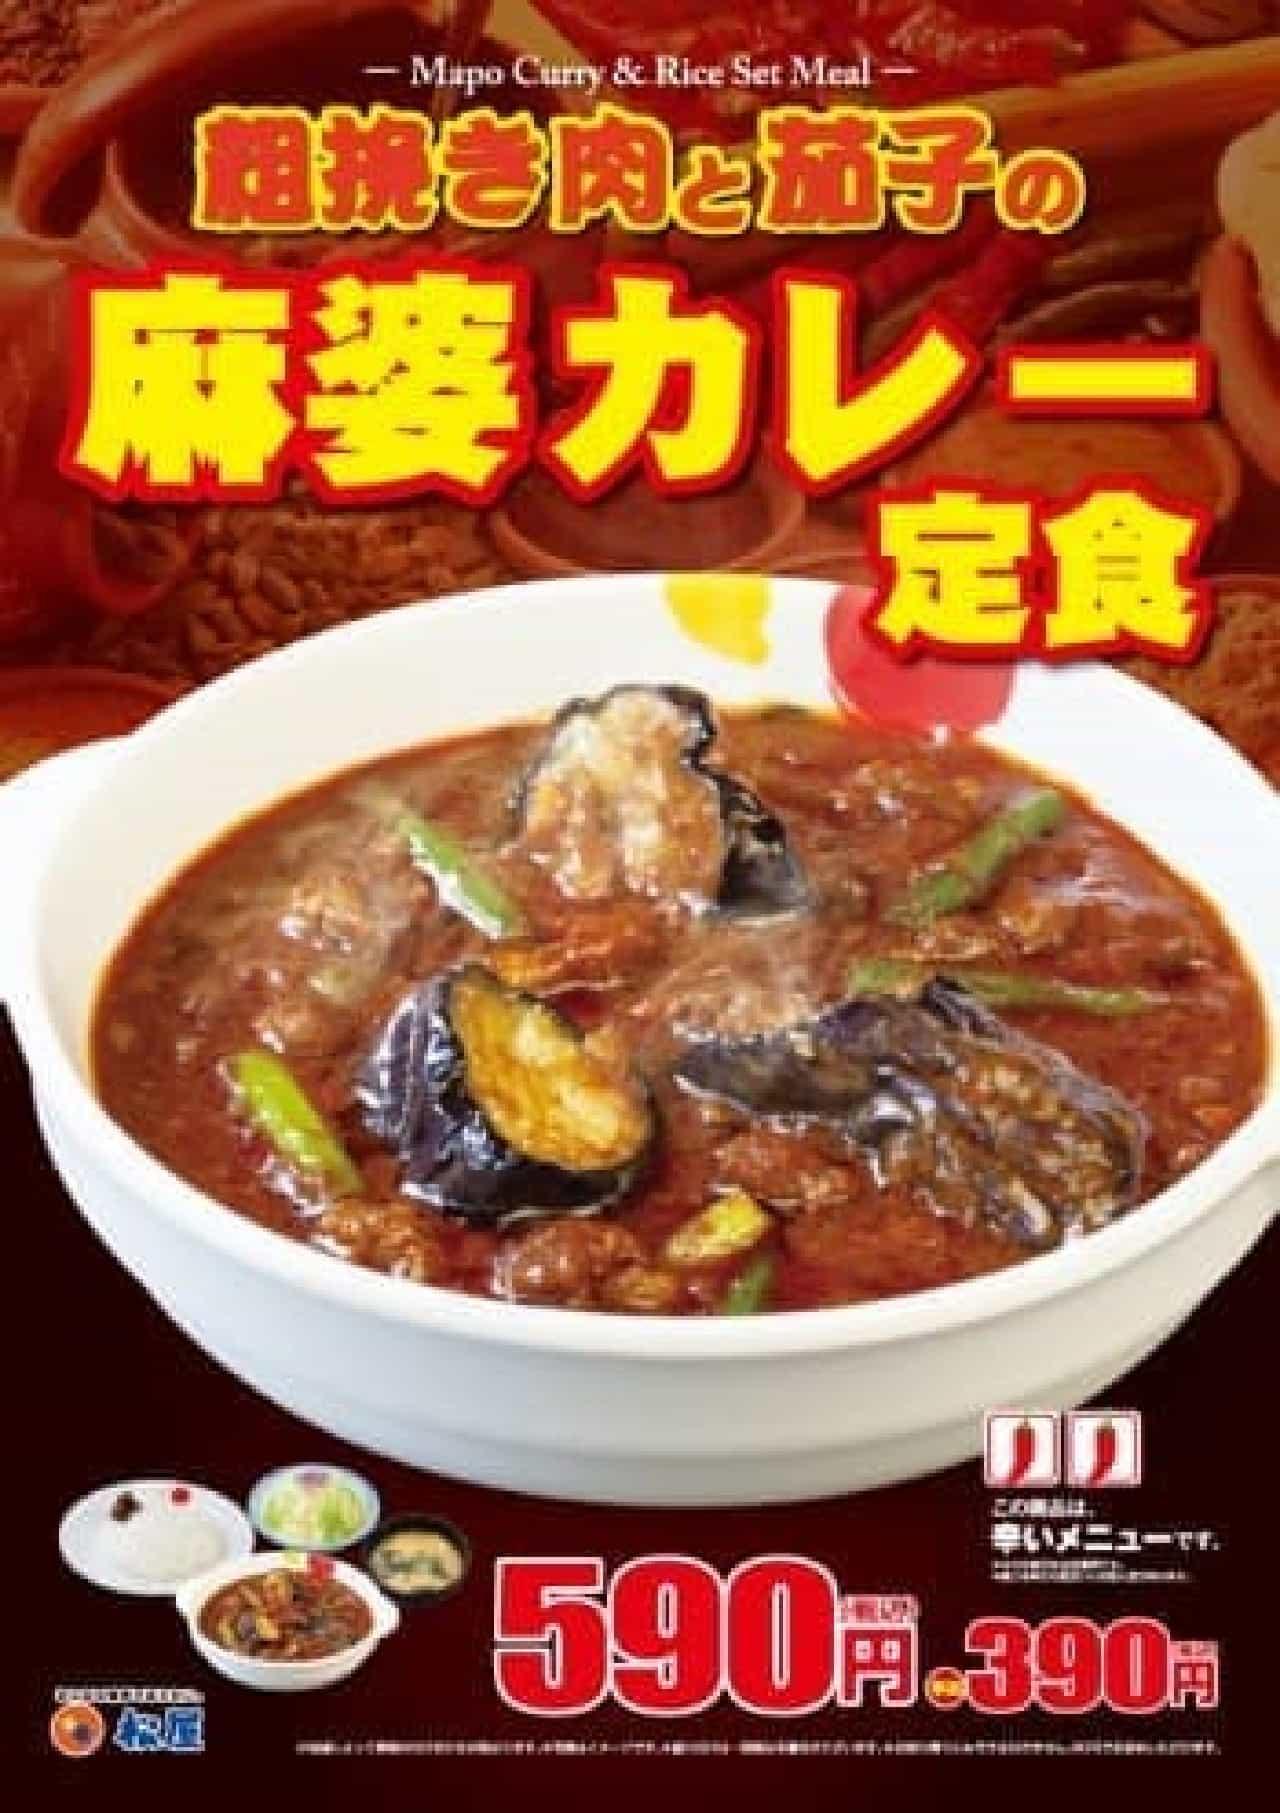 松屋「粗挽き肉と茄子の麻婆カレー定食」